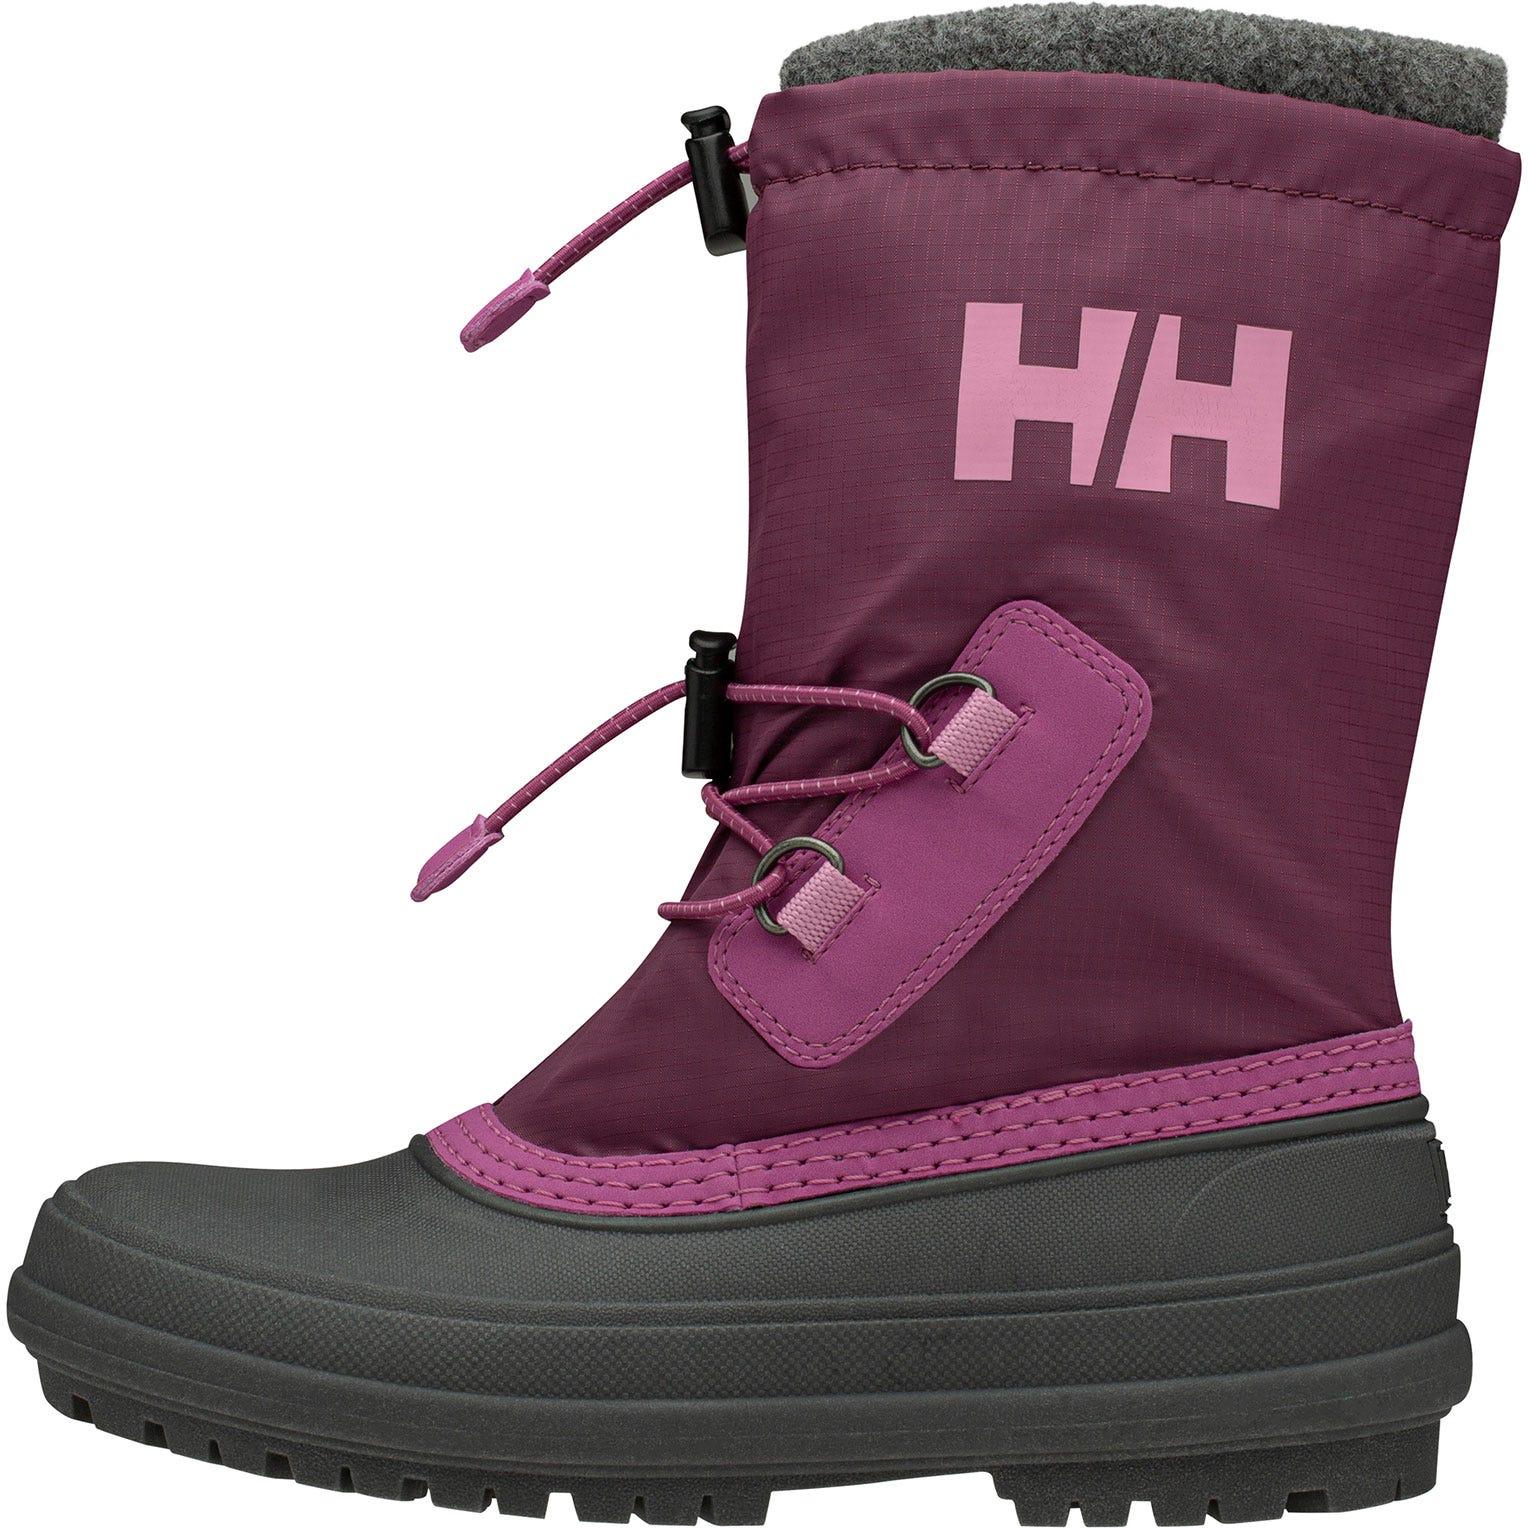 Helly Hansen Kids Varanger Insulated Boots US 7/EU 24